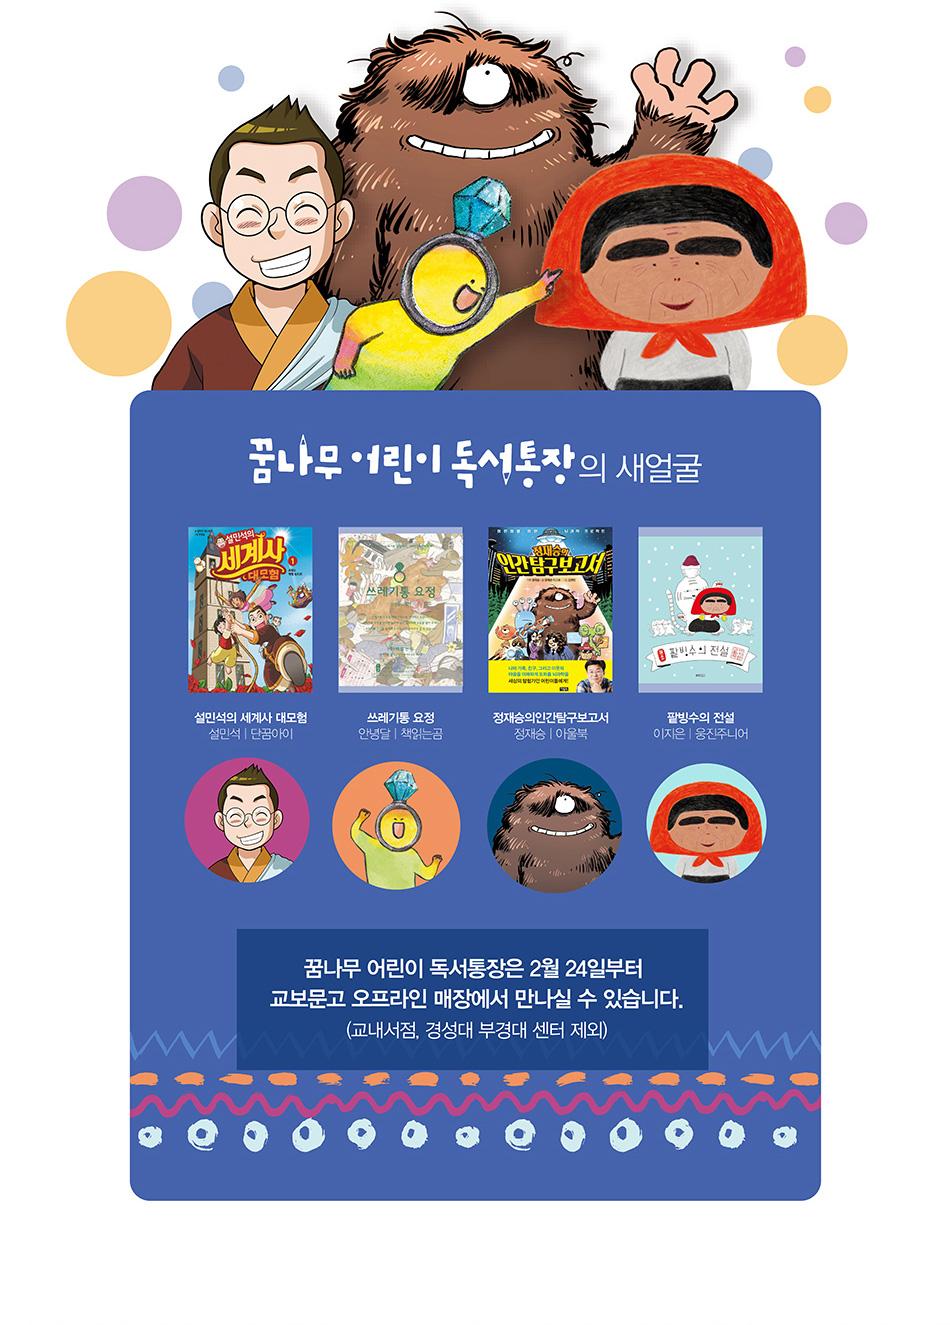 꿈나무 어린이 독서통장의 새얼굴 꿈나무 어린이 독서통장은 2월 24일부터 교보문고 오프라인 매장에서 만나실 수 있습니다. (교내서점, 경성대 부경대 센터 제외)